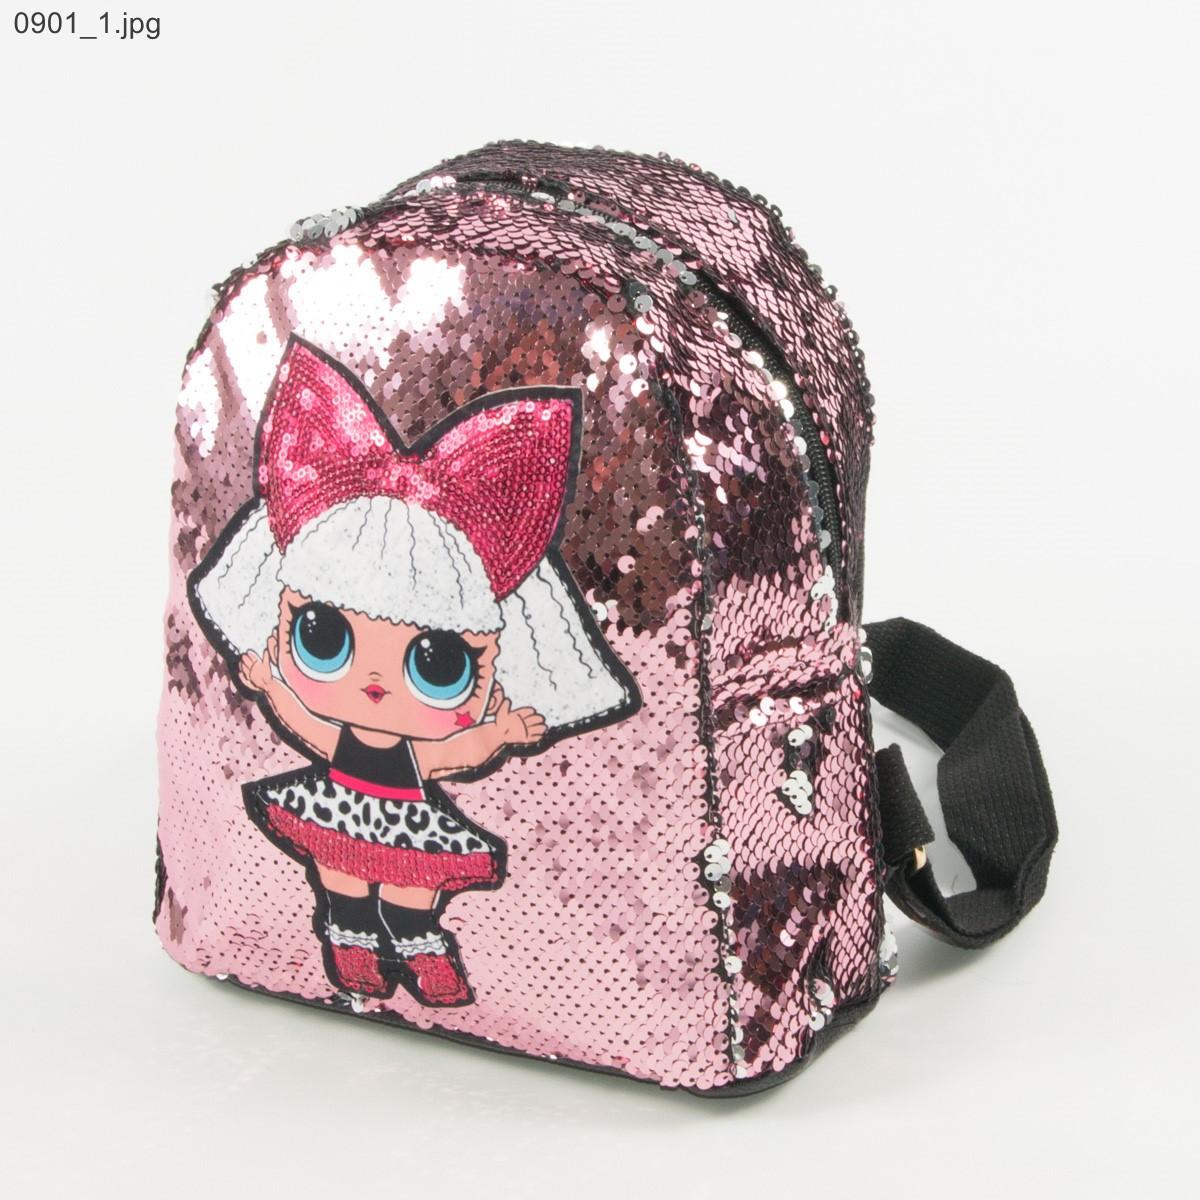 Рюкзак для прогулок с паетками с моргающими глазками ЛОЛ - №0901 - Розовый